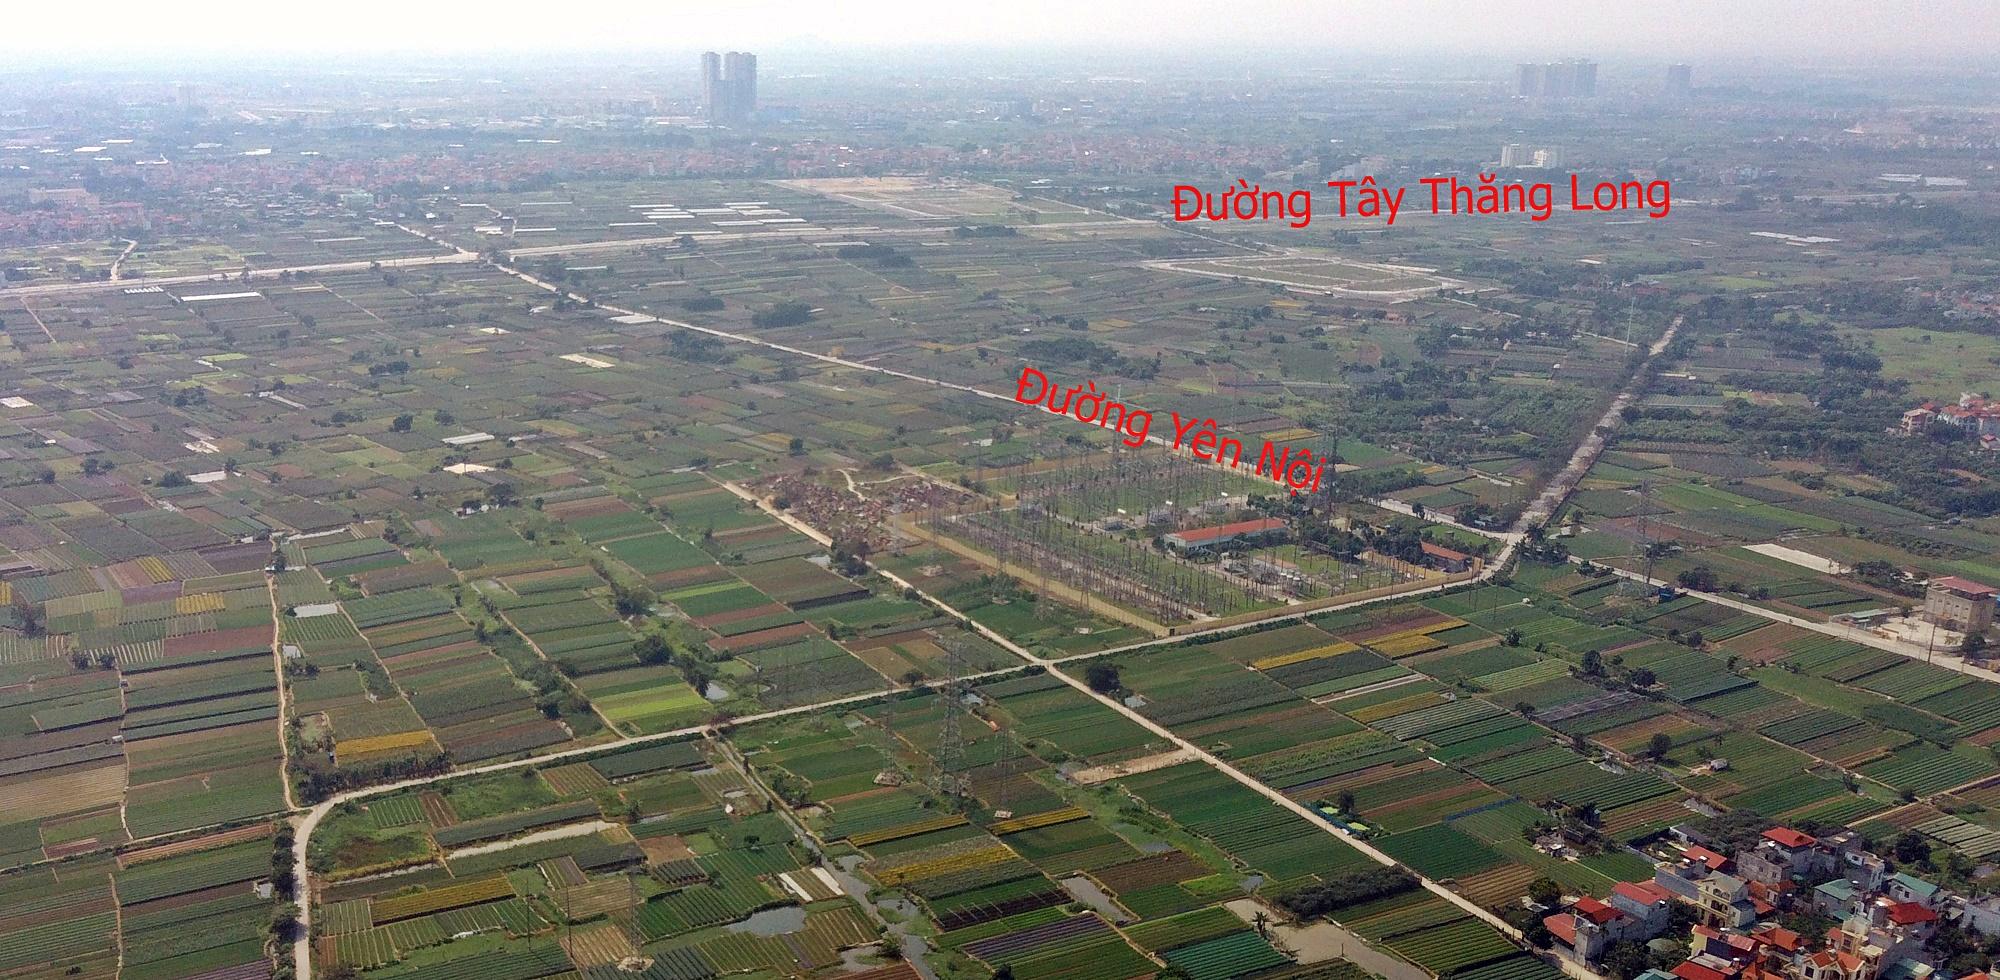 Những mảnh đất sẽ được đào hồ lớn ở quận Bắc Từ Liêm - Ảnh 9.